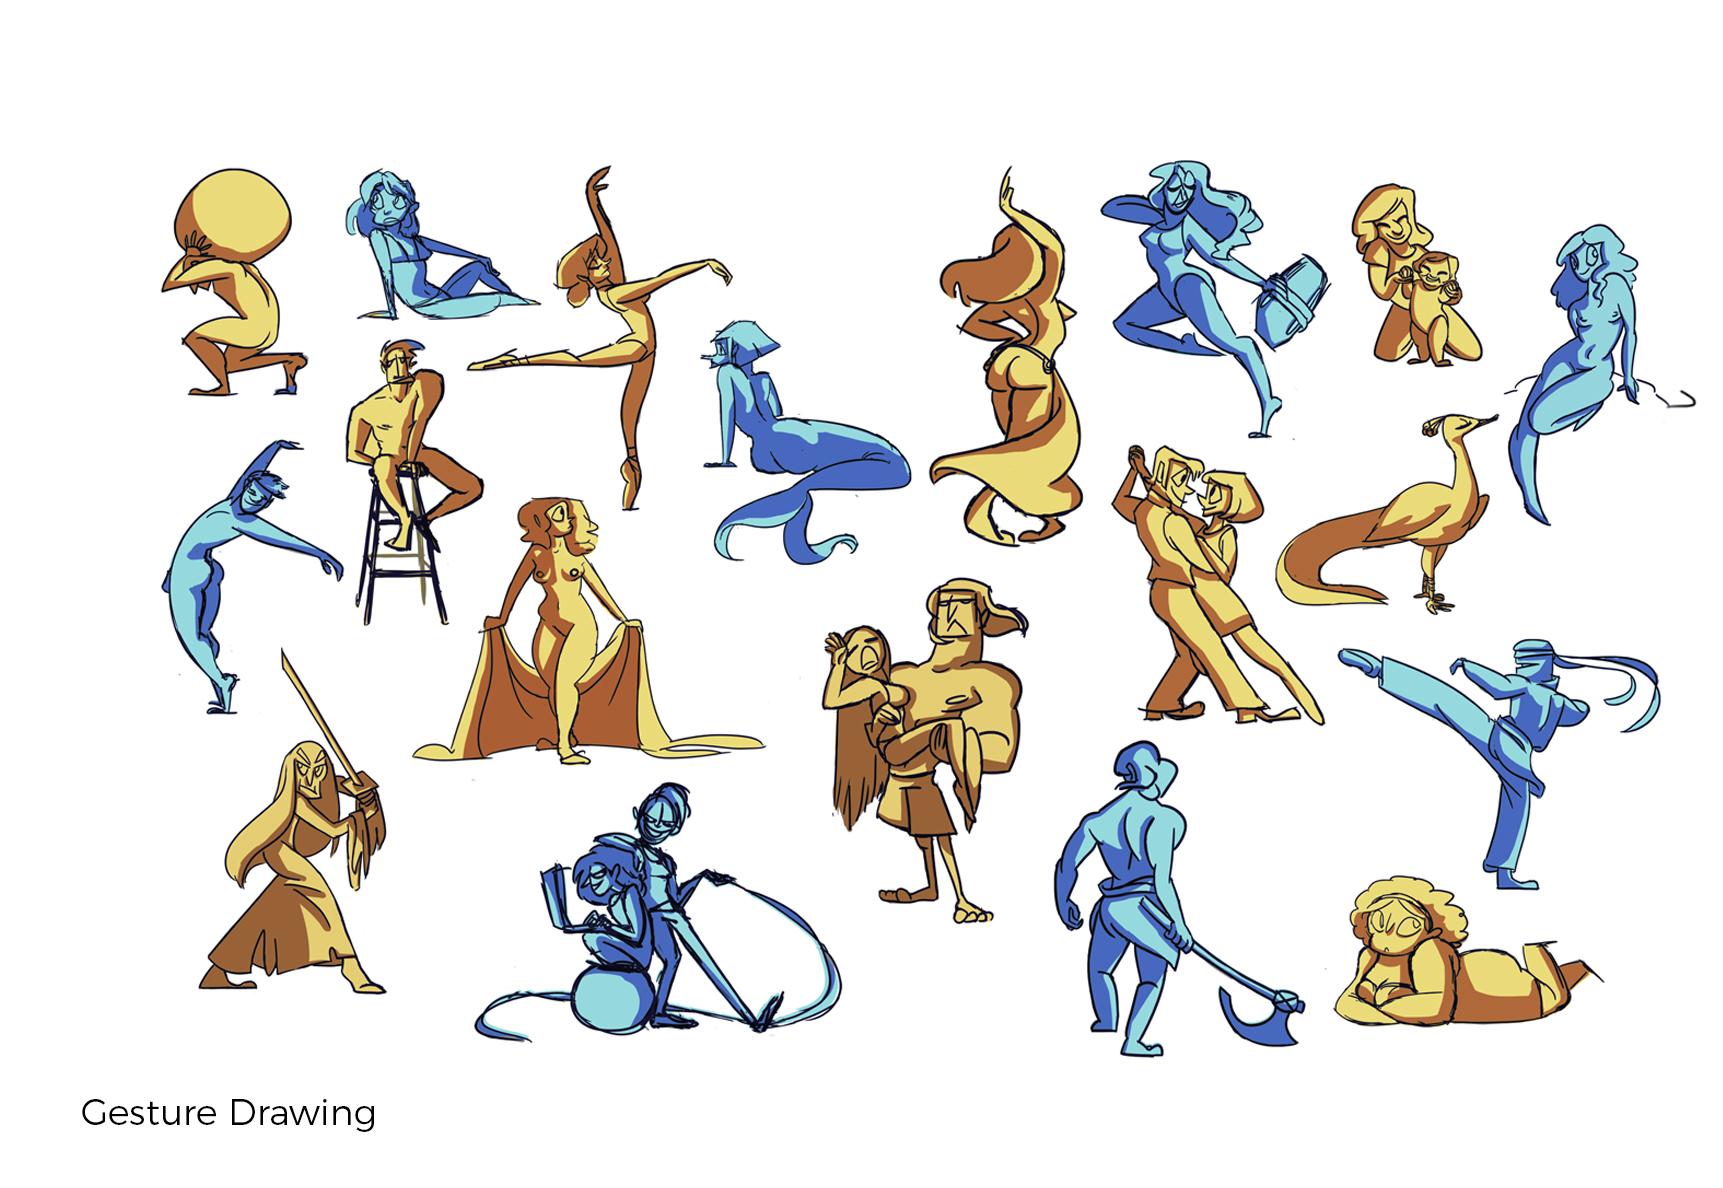 gestures_jpg.jpg